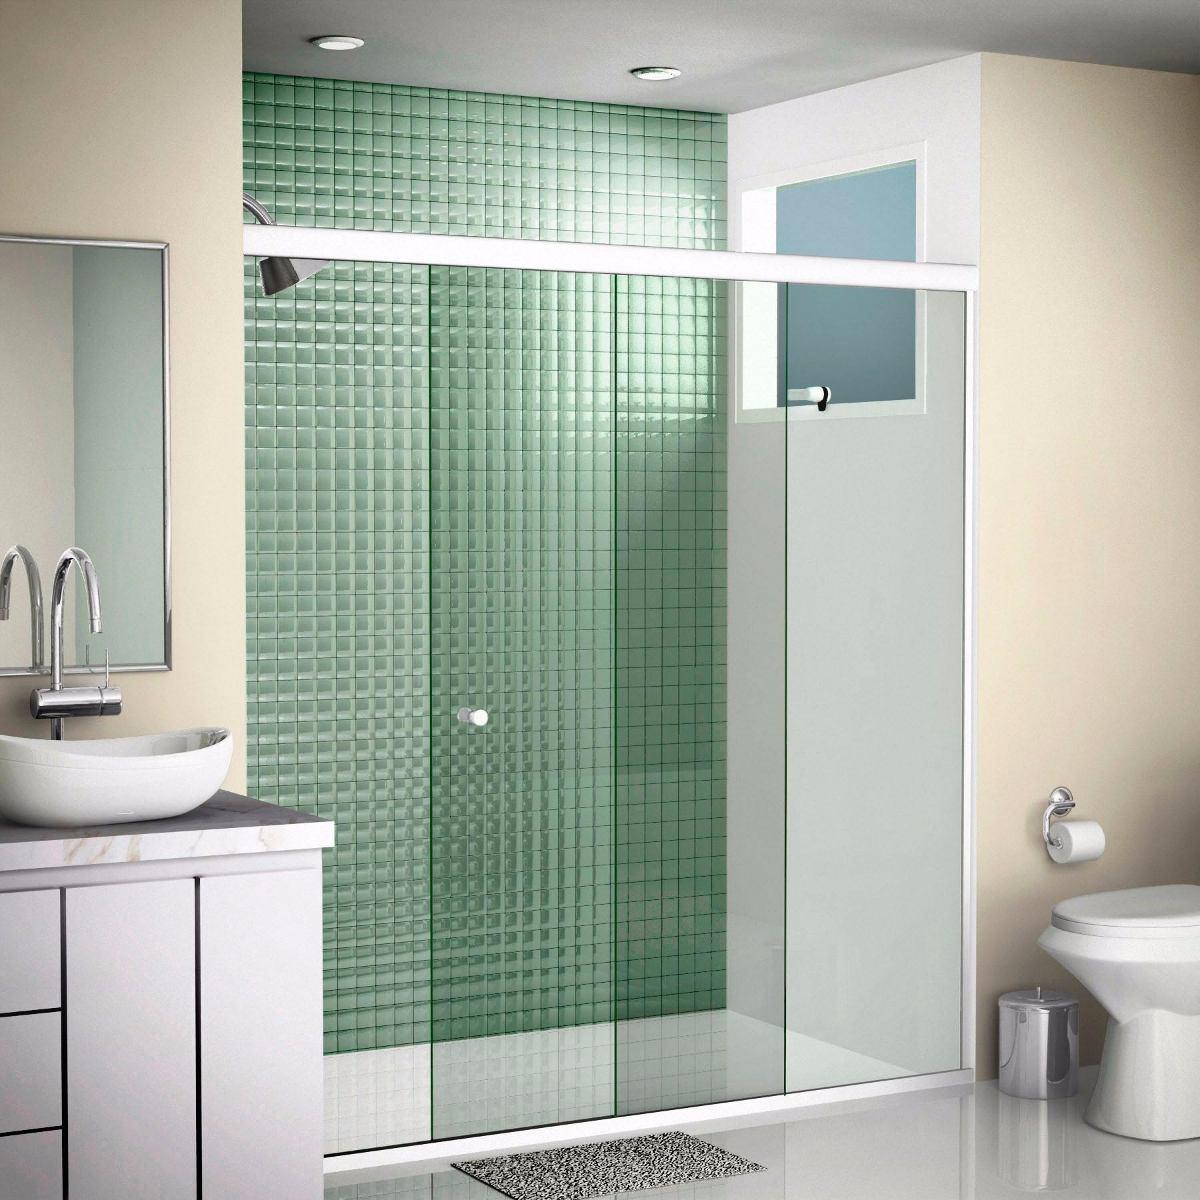 Imagens de #46654E Box Para Banheiro Preço Imperdivel Modelo Blindex R$60 M2 R$ 60 00  1200x1200 px 3514 Blindex De Banheiro Rj